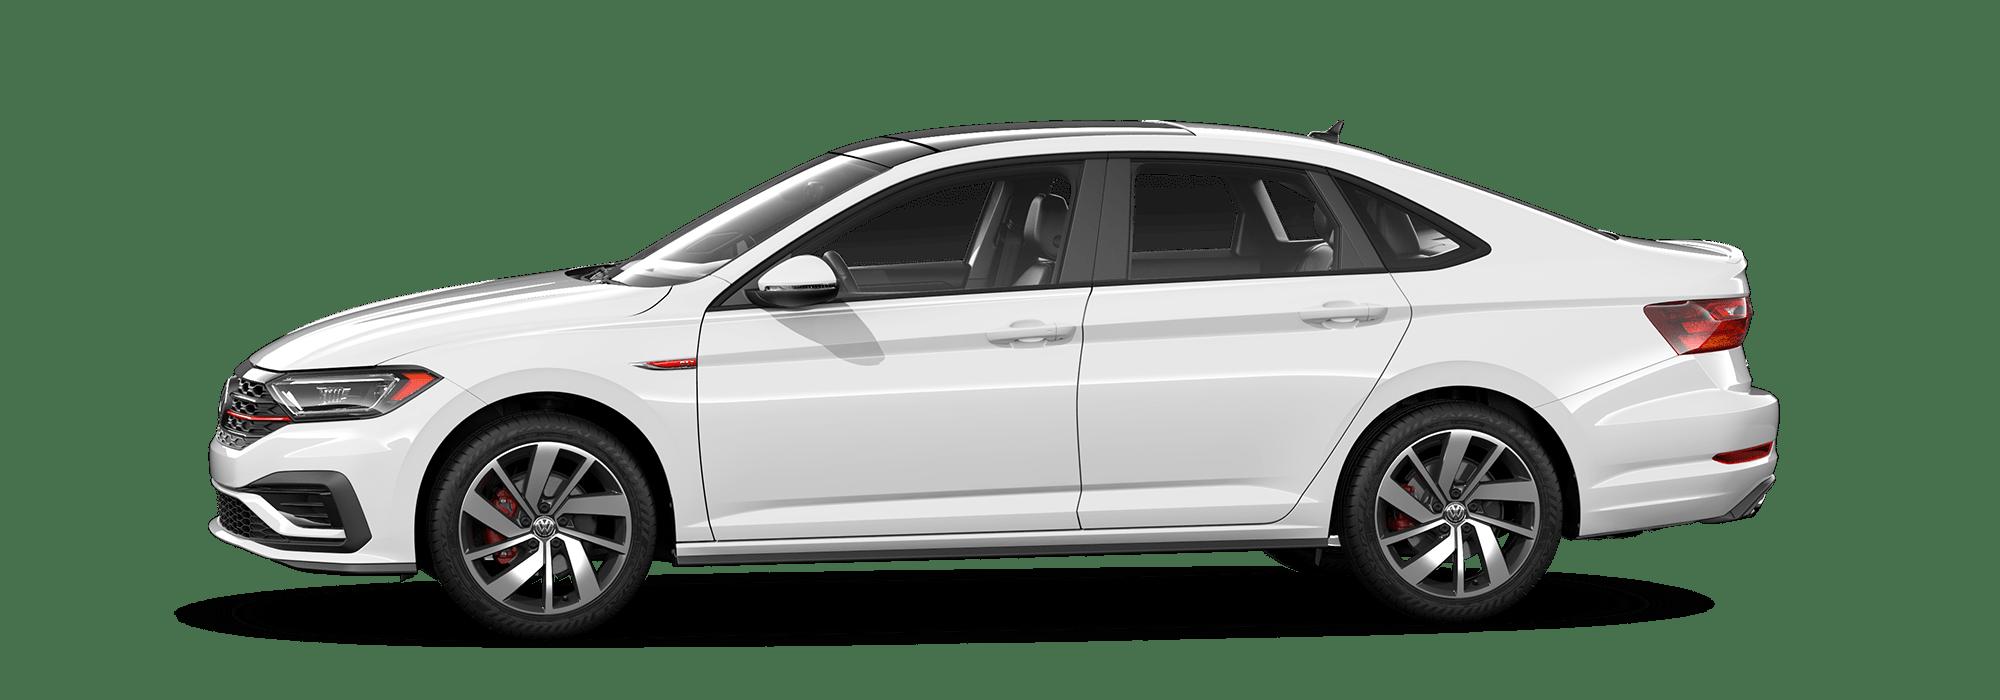 2020 Jetta GLI GLI 2.0T 6-speed manual